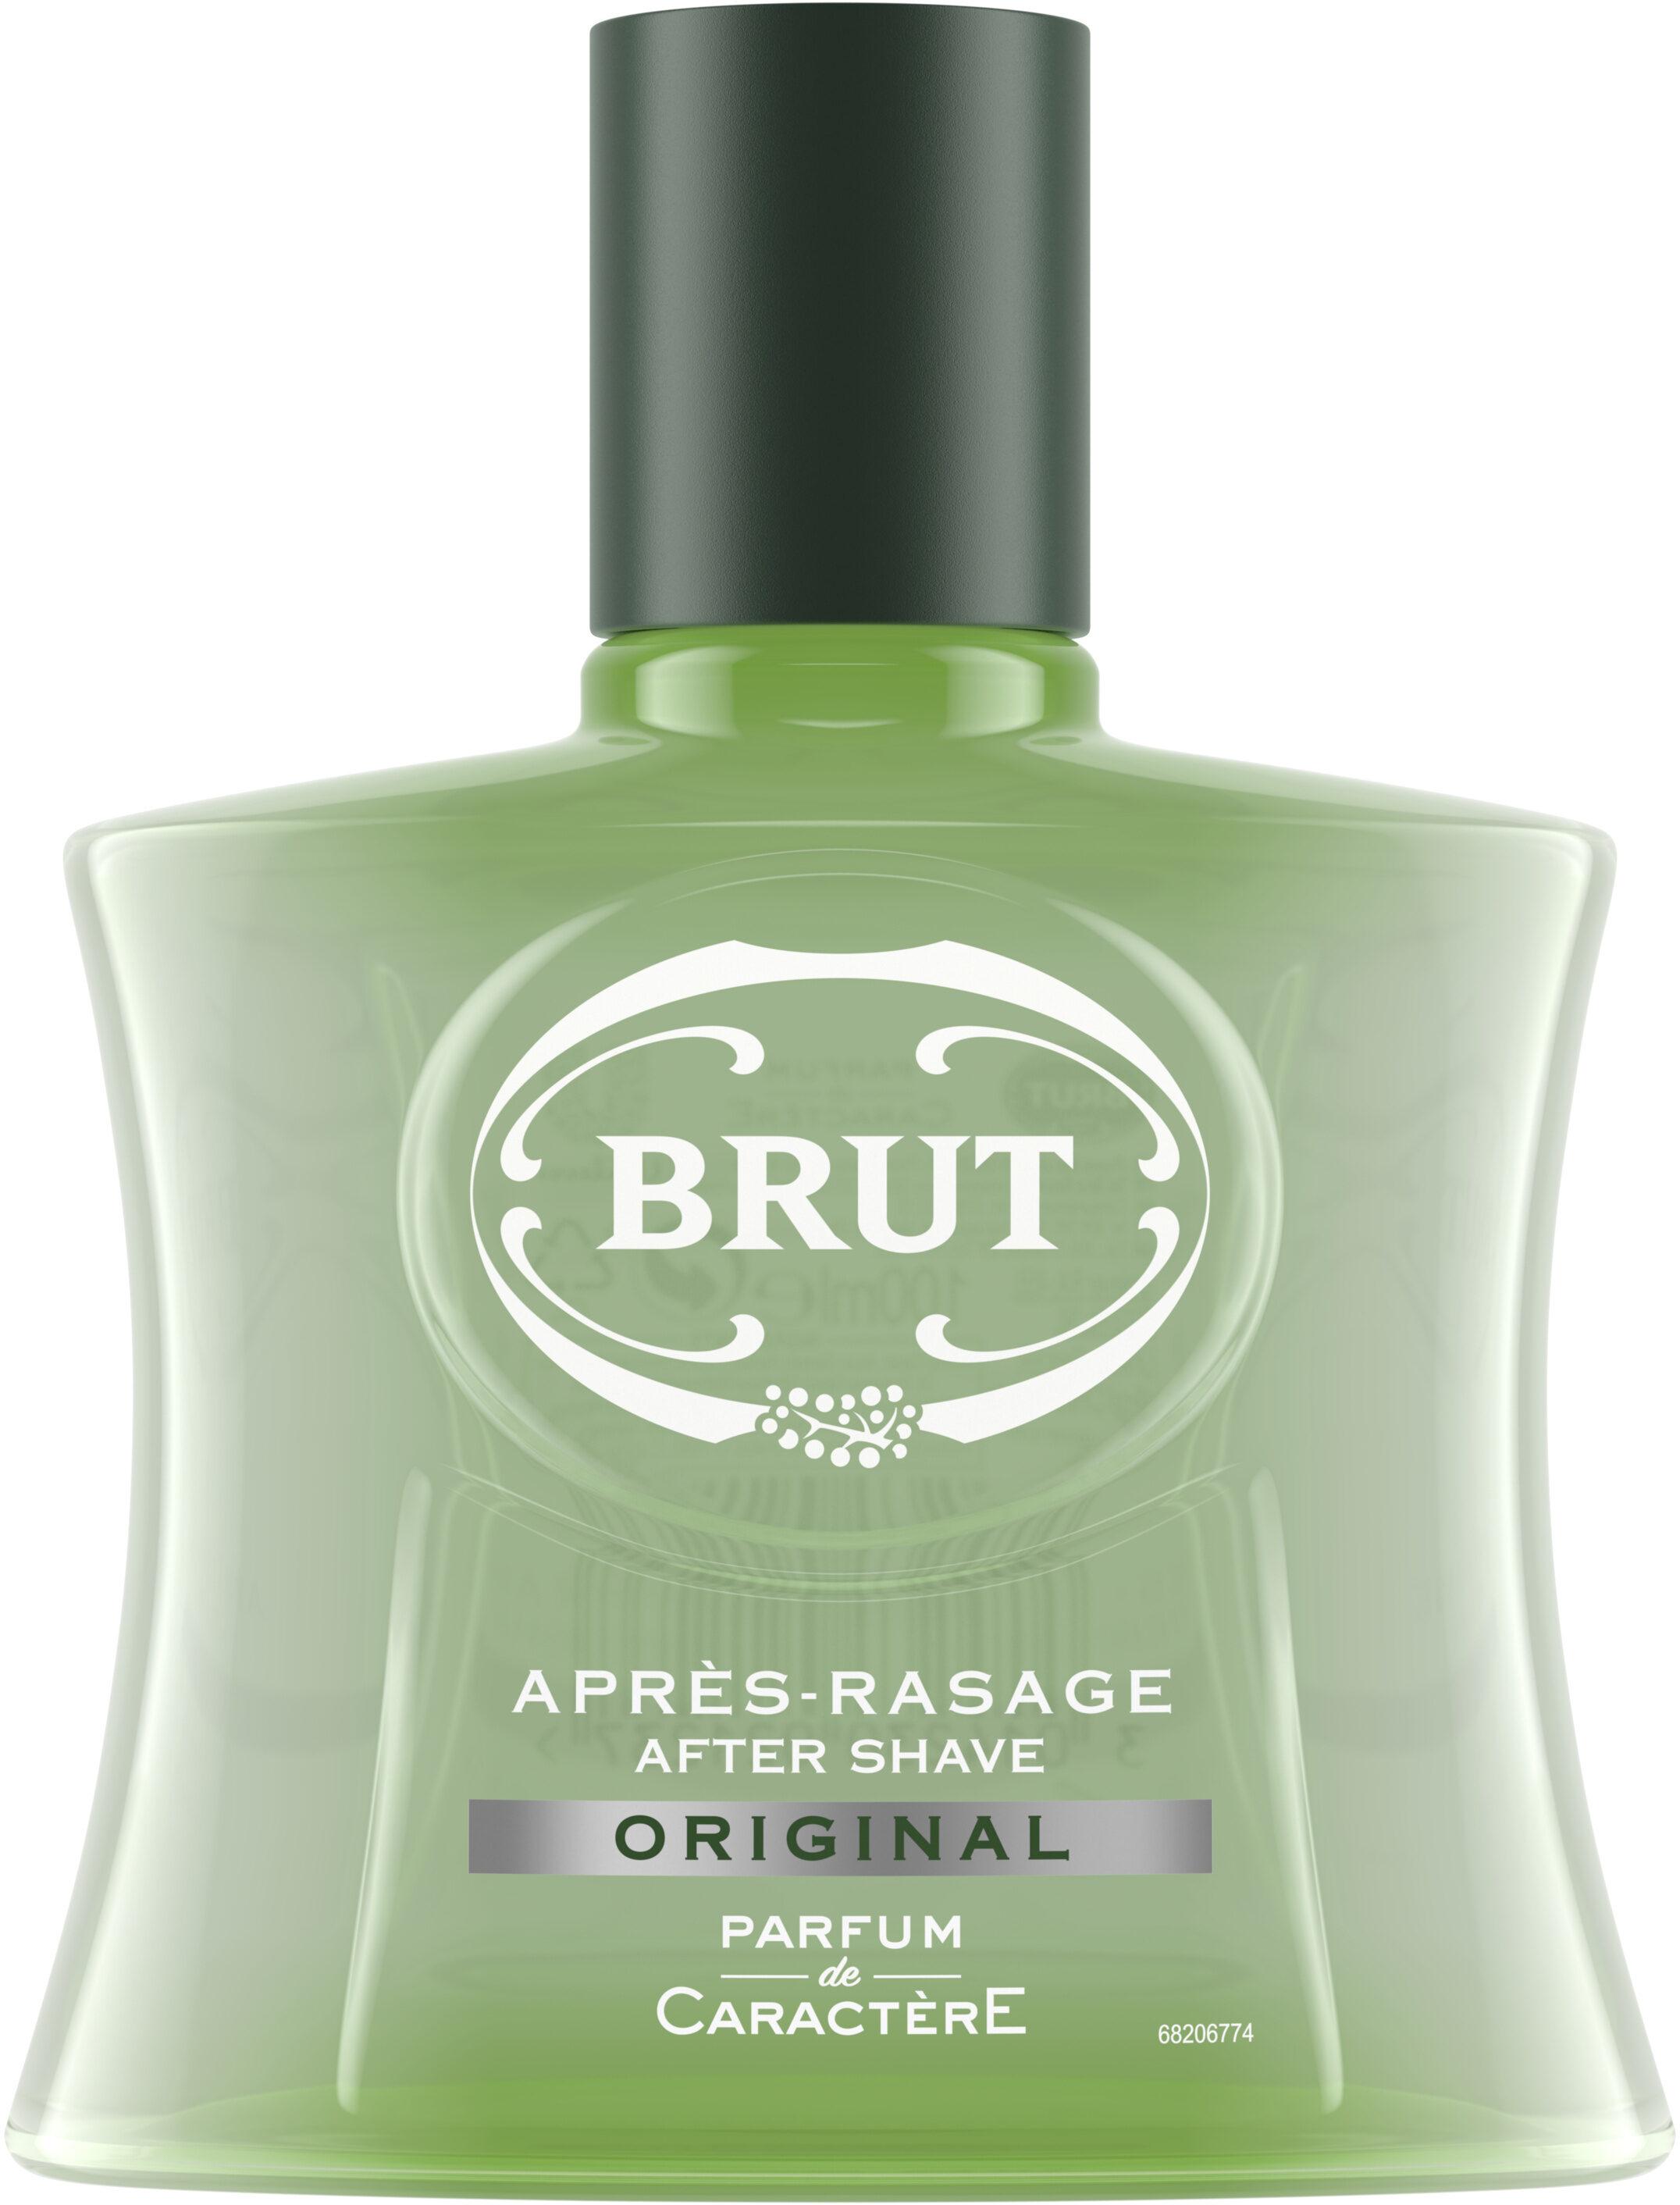 Brut Après-Rasage Flacon Original - Product - fr